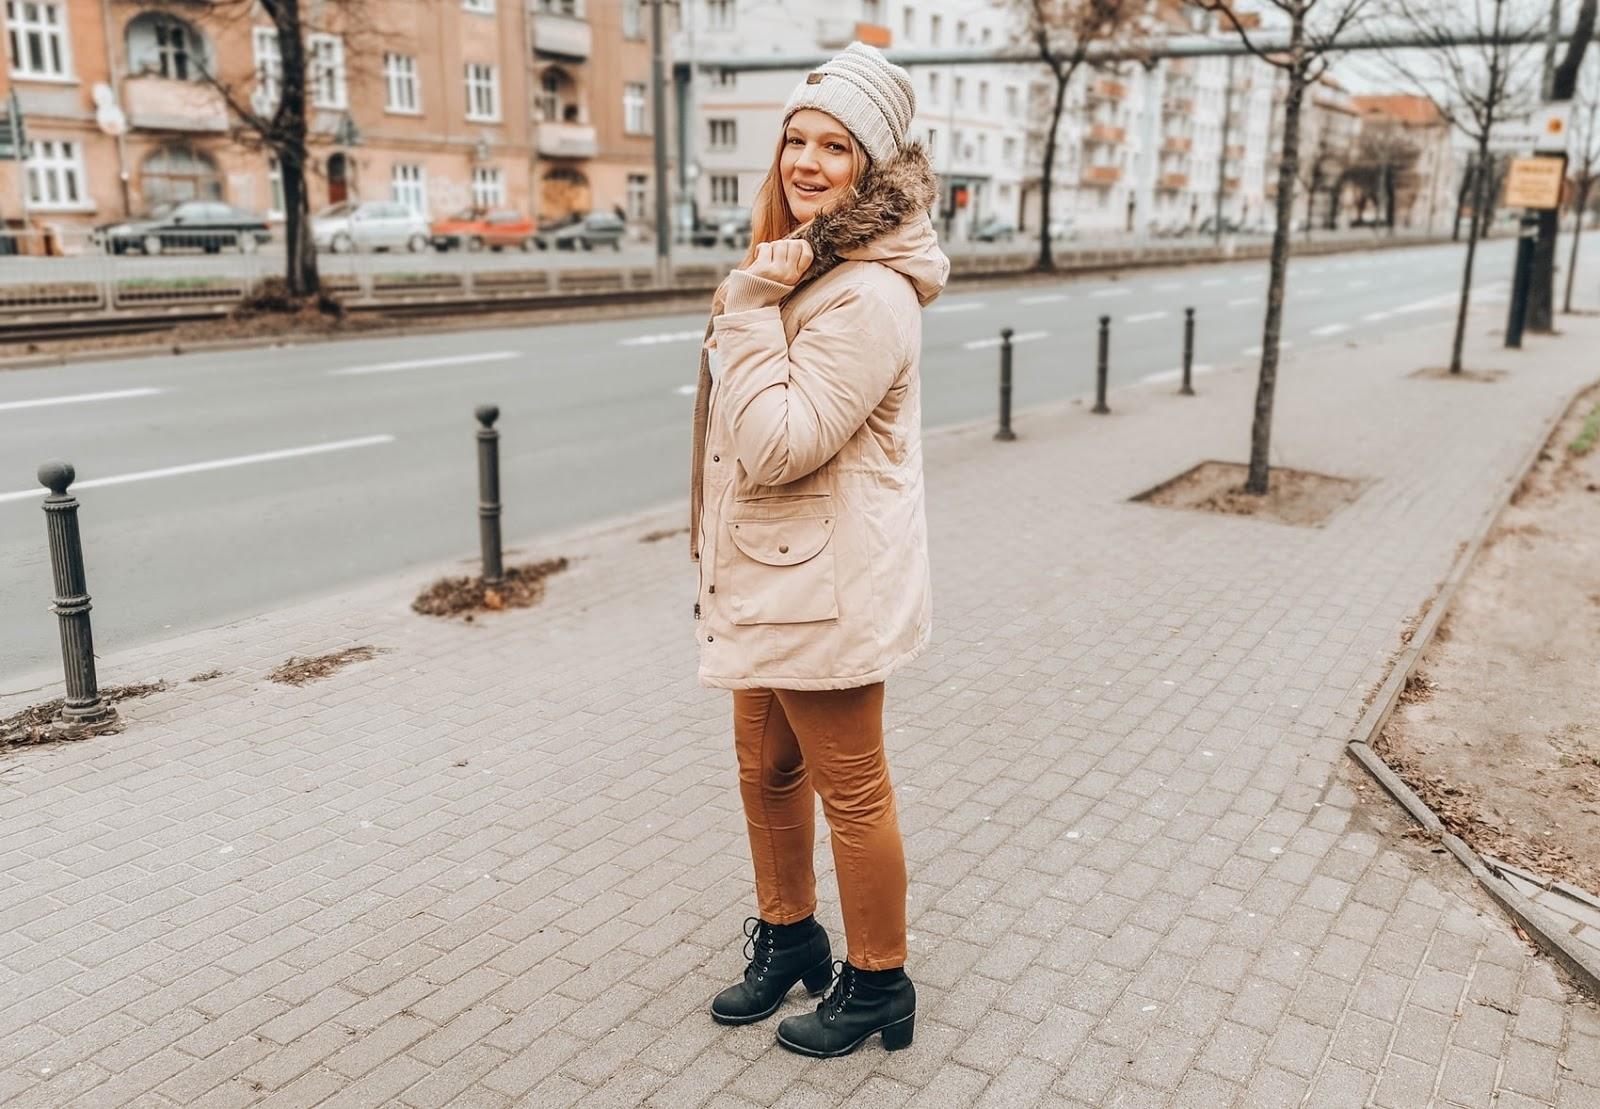 zimowe-stylizacje_moda-uliczna